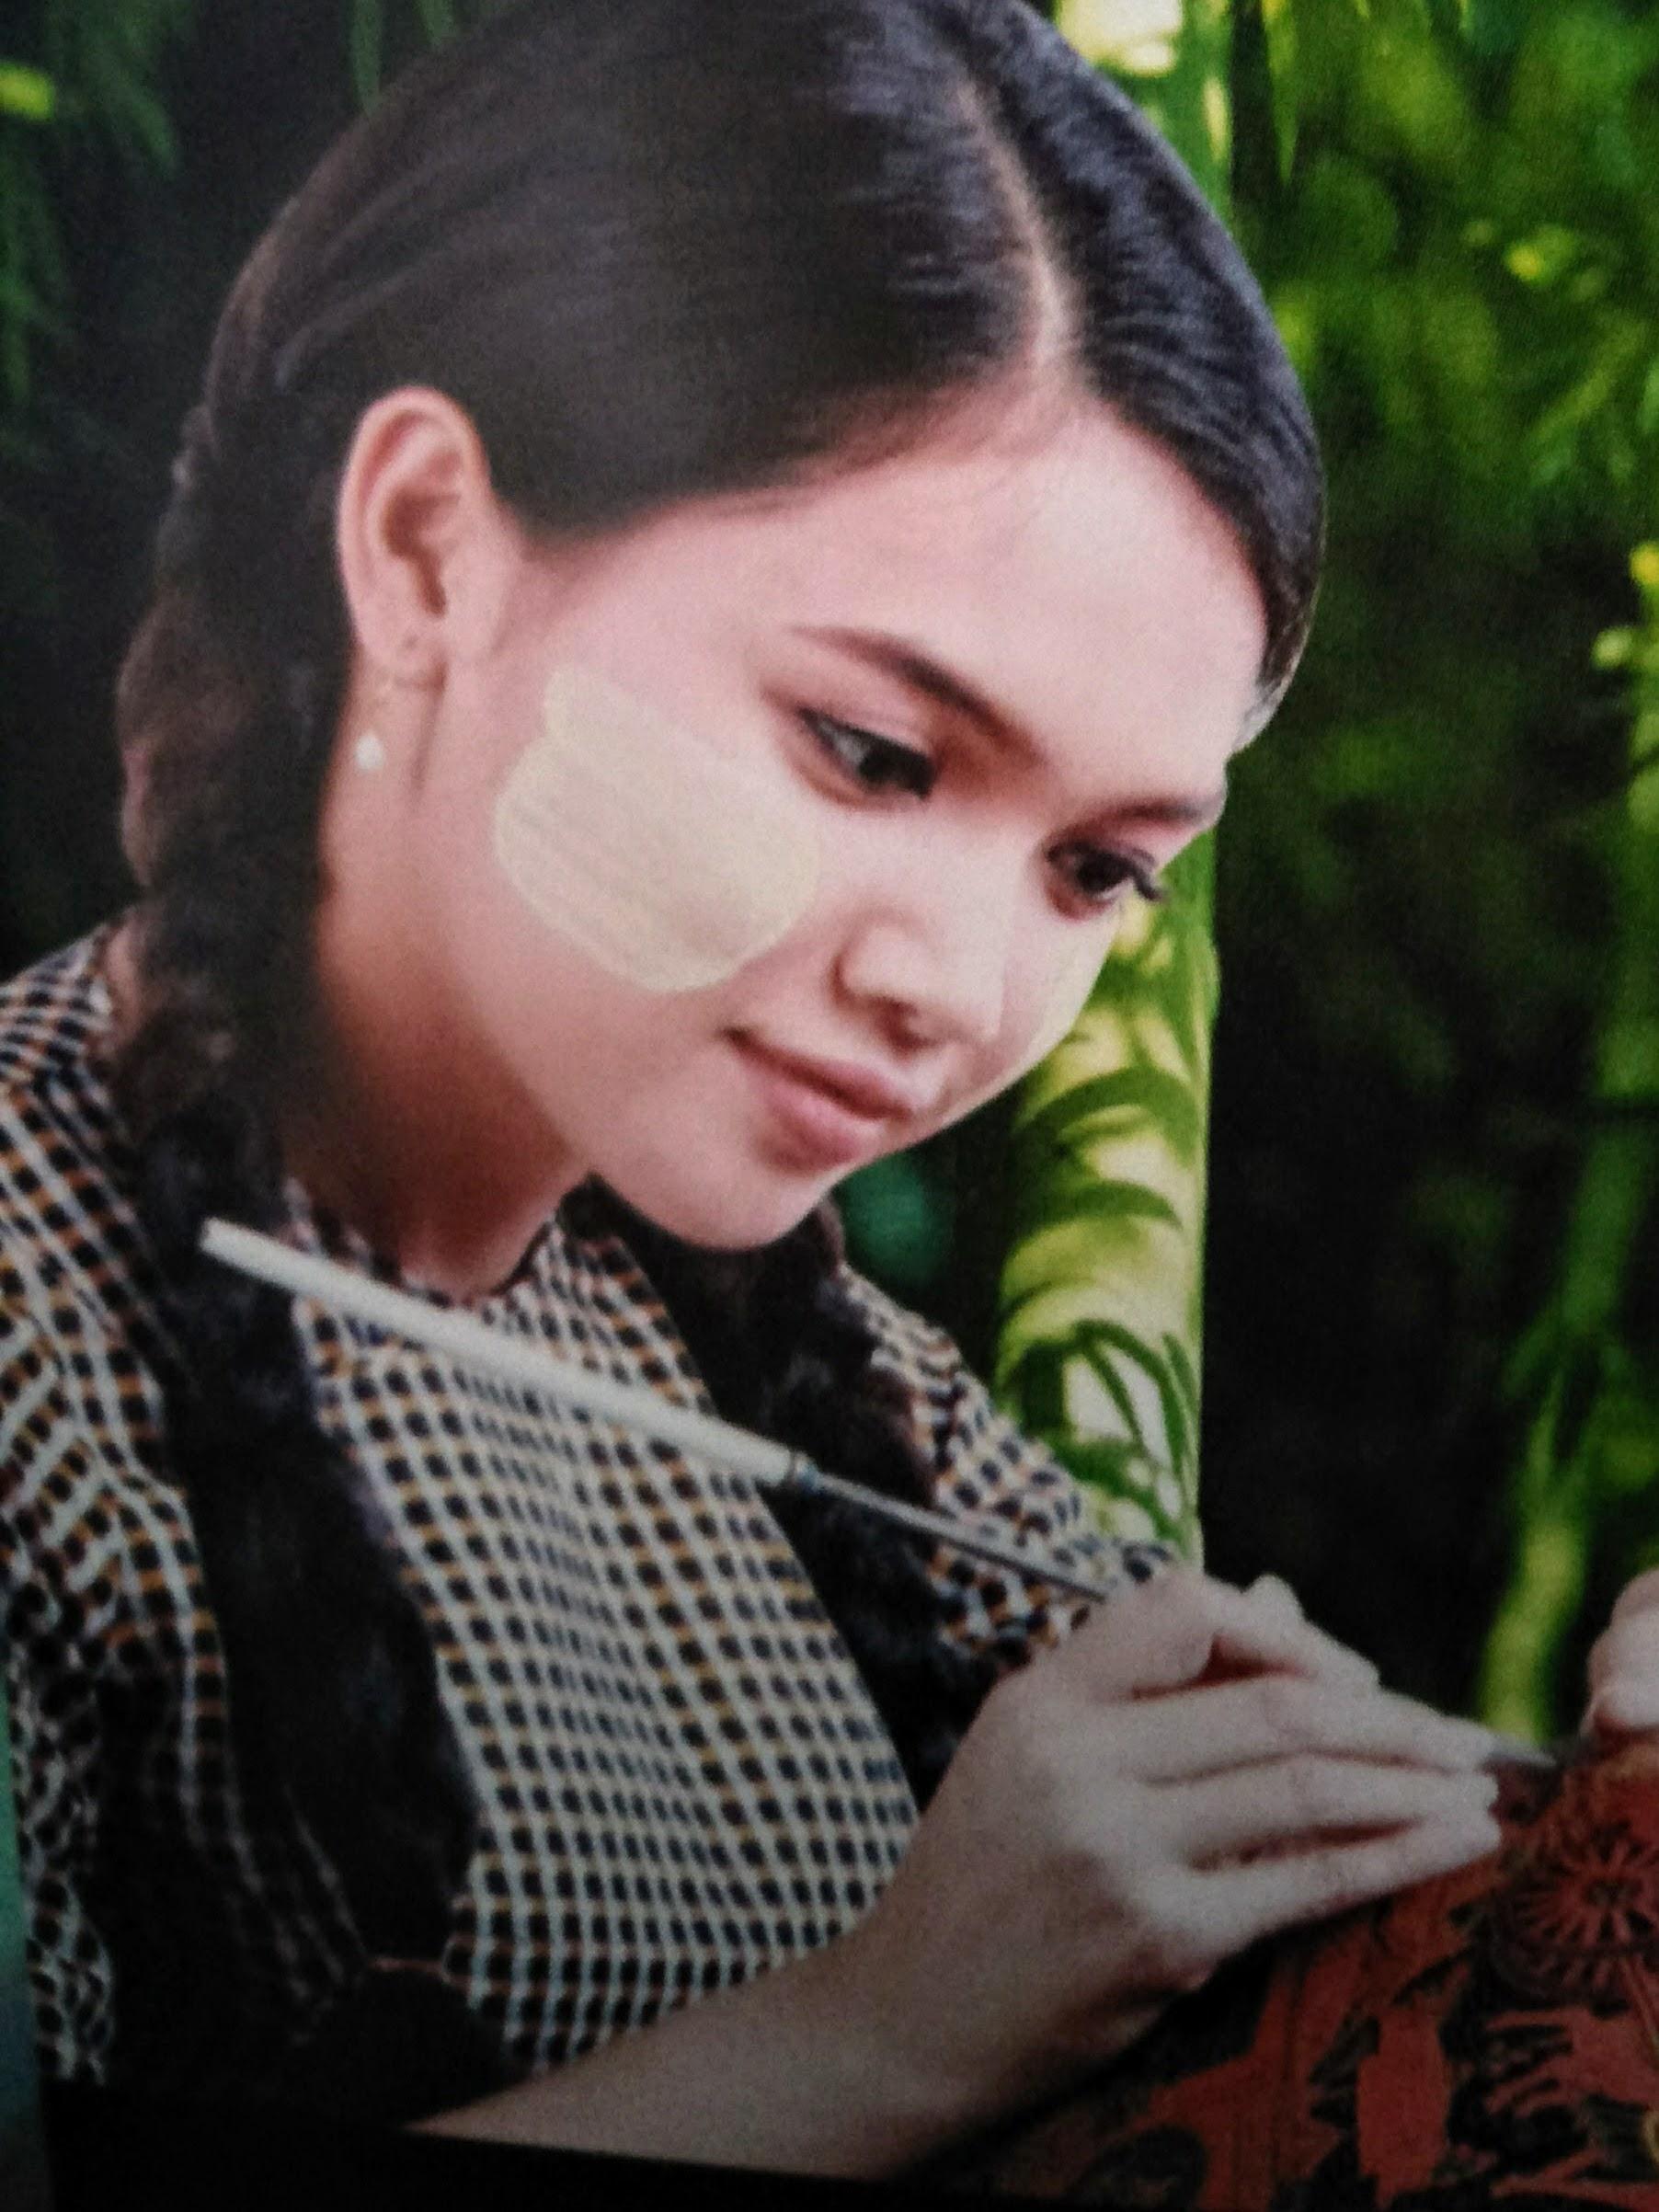 美人 ミャンマー ミャンマーの宗教は仏教?日本の仏教徒の違いと気を付けたいマナー